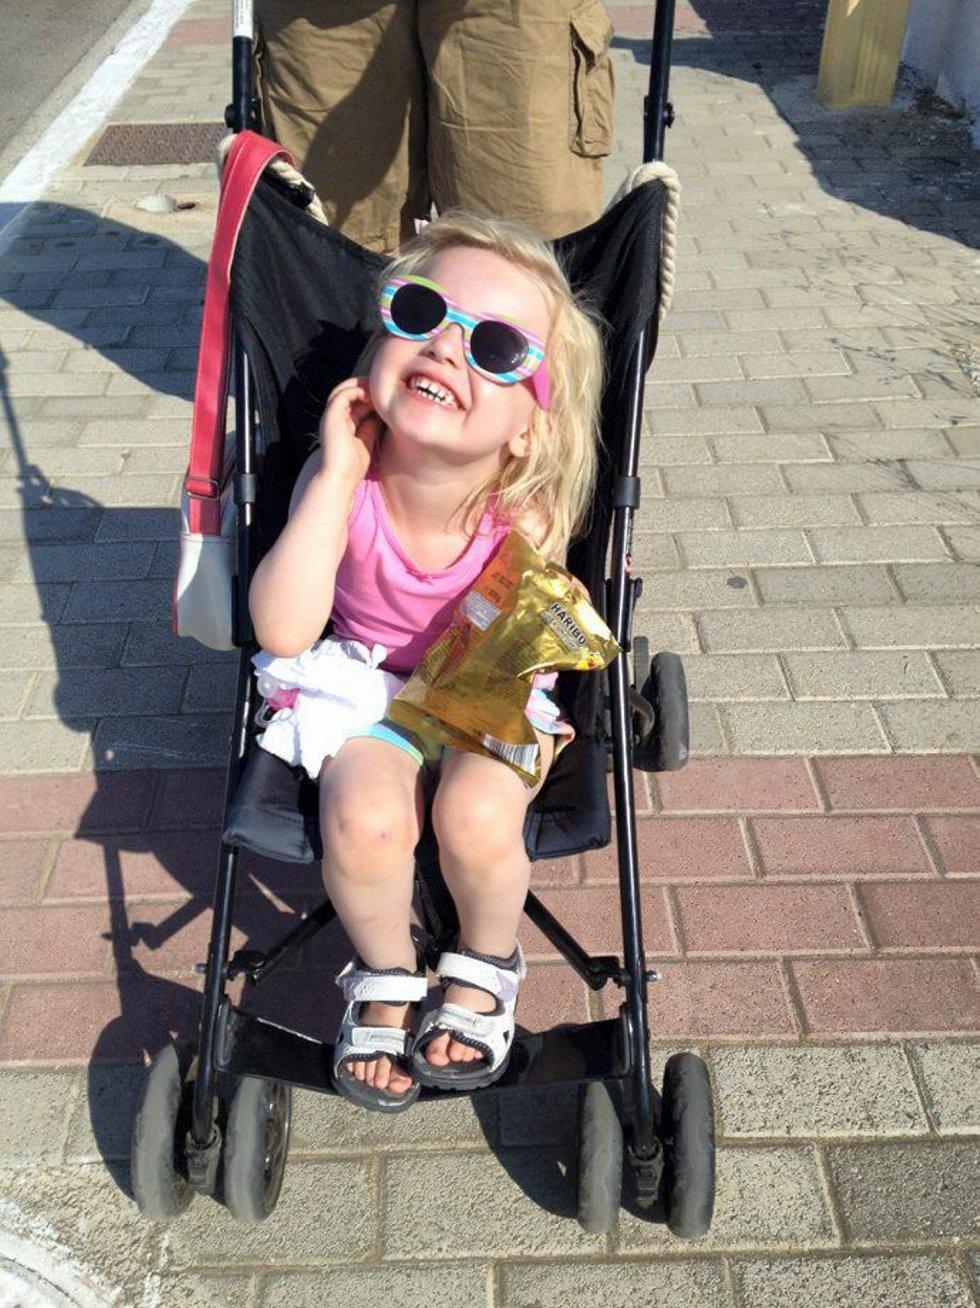 Emilie hilser: Her kommer en sommerhilsen til alle jeg kjenner! Klem fra Emilie. Foto: Christine Holten (Foto: )